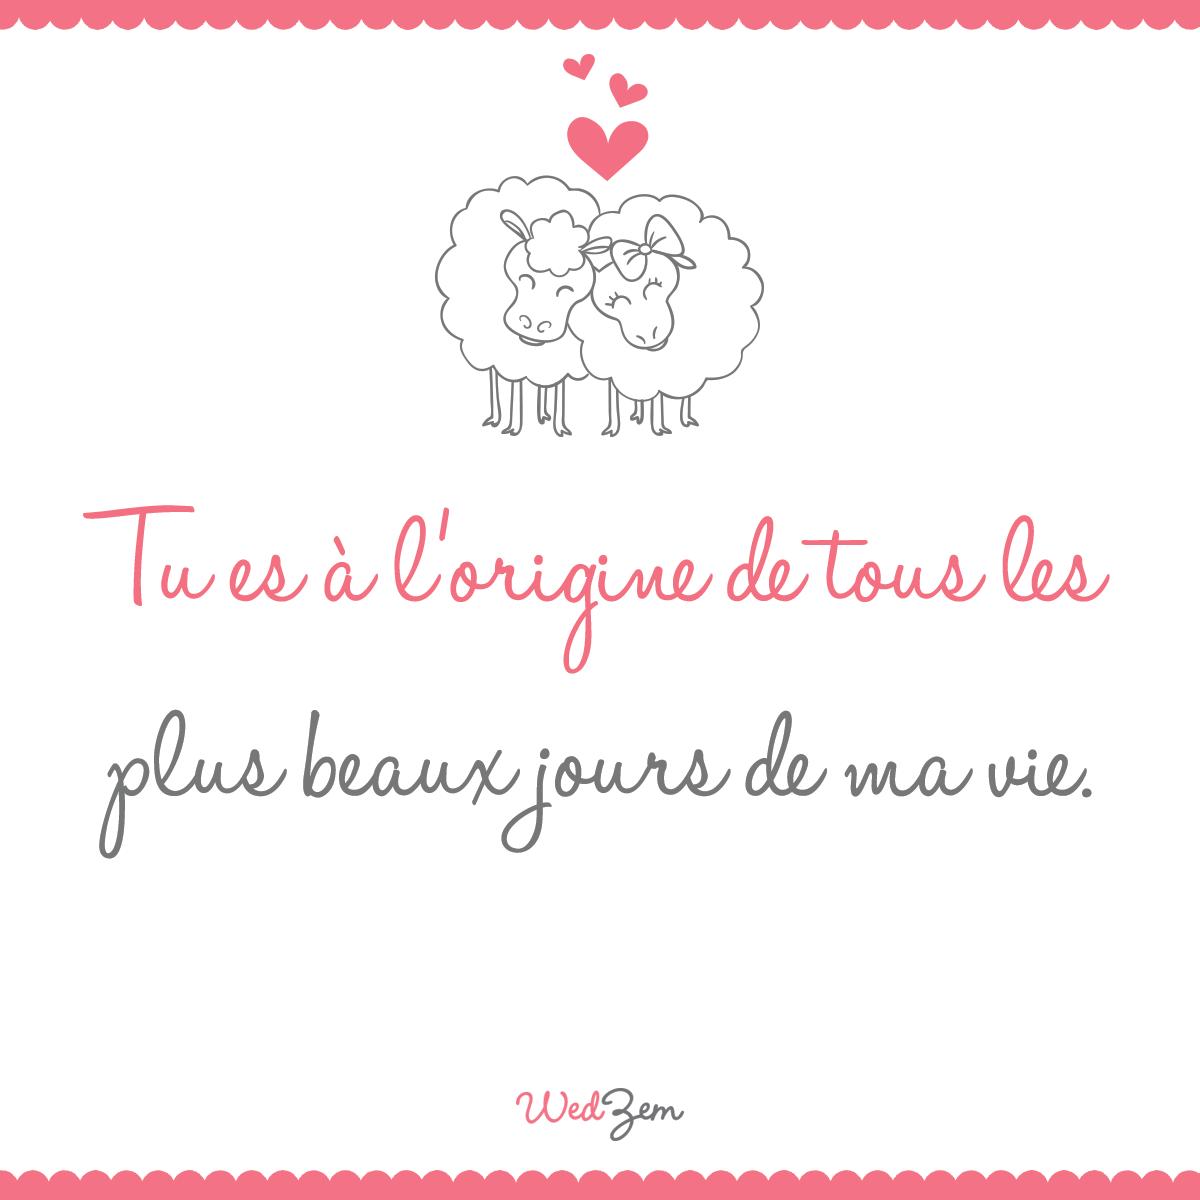 Petite Citation D Amour Du Jour Amour Citation Citations D Amour Petites Citations Citation